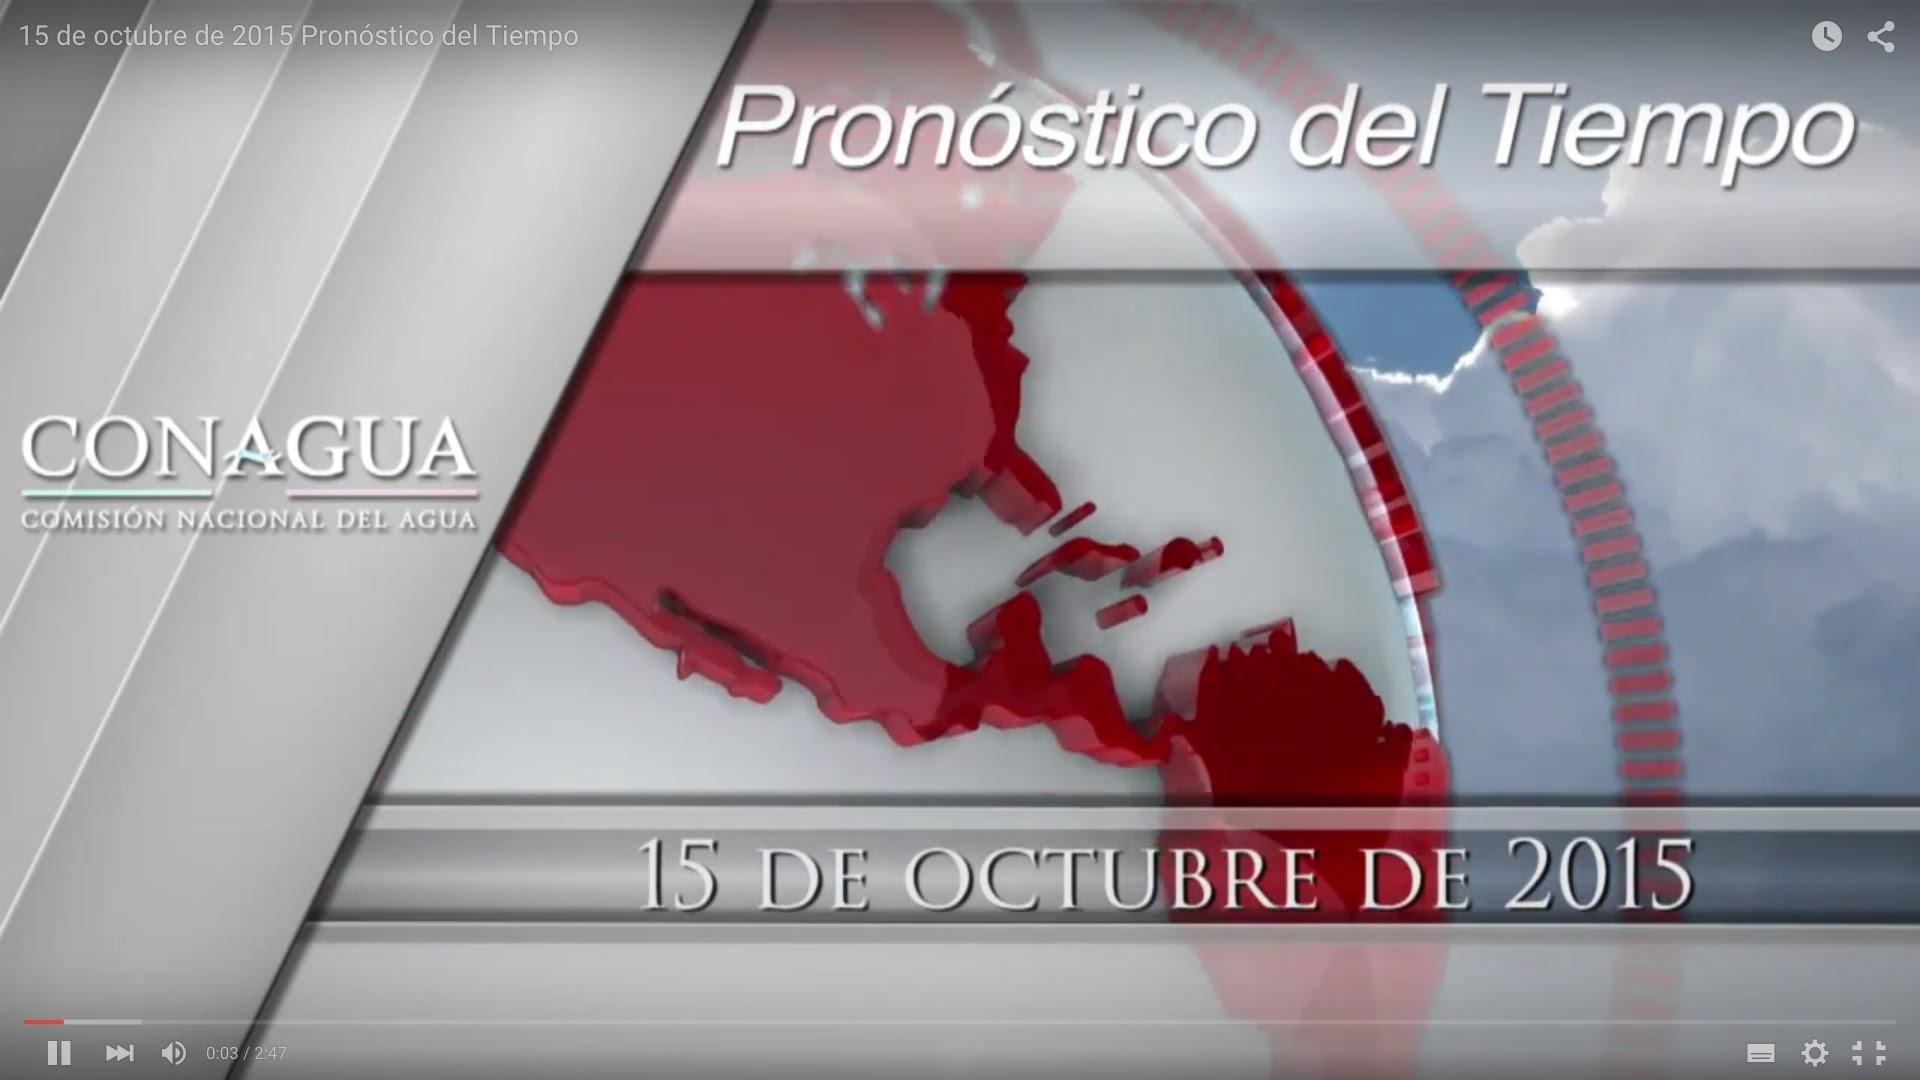 Pron stico del tiempo 15 de octubre 2015 radio turquesa for Pronostico del tiempo accuweather